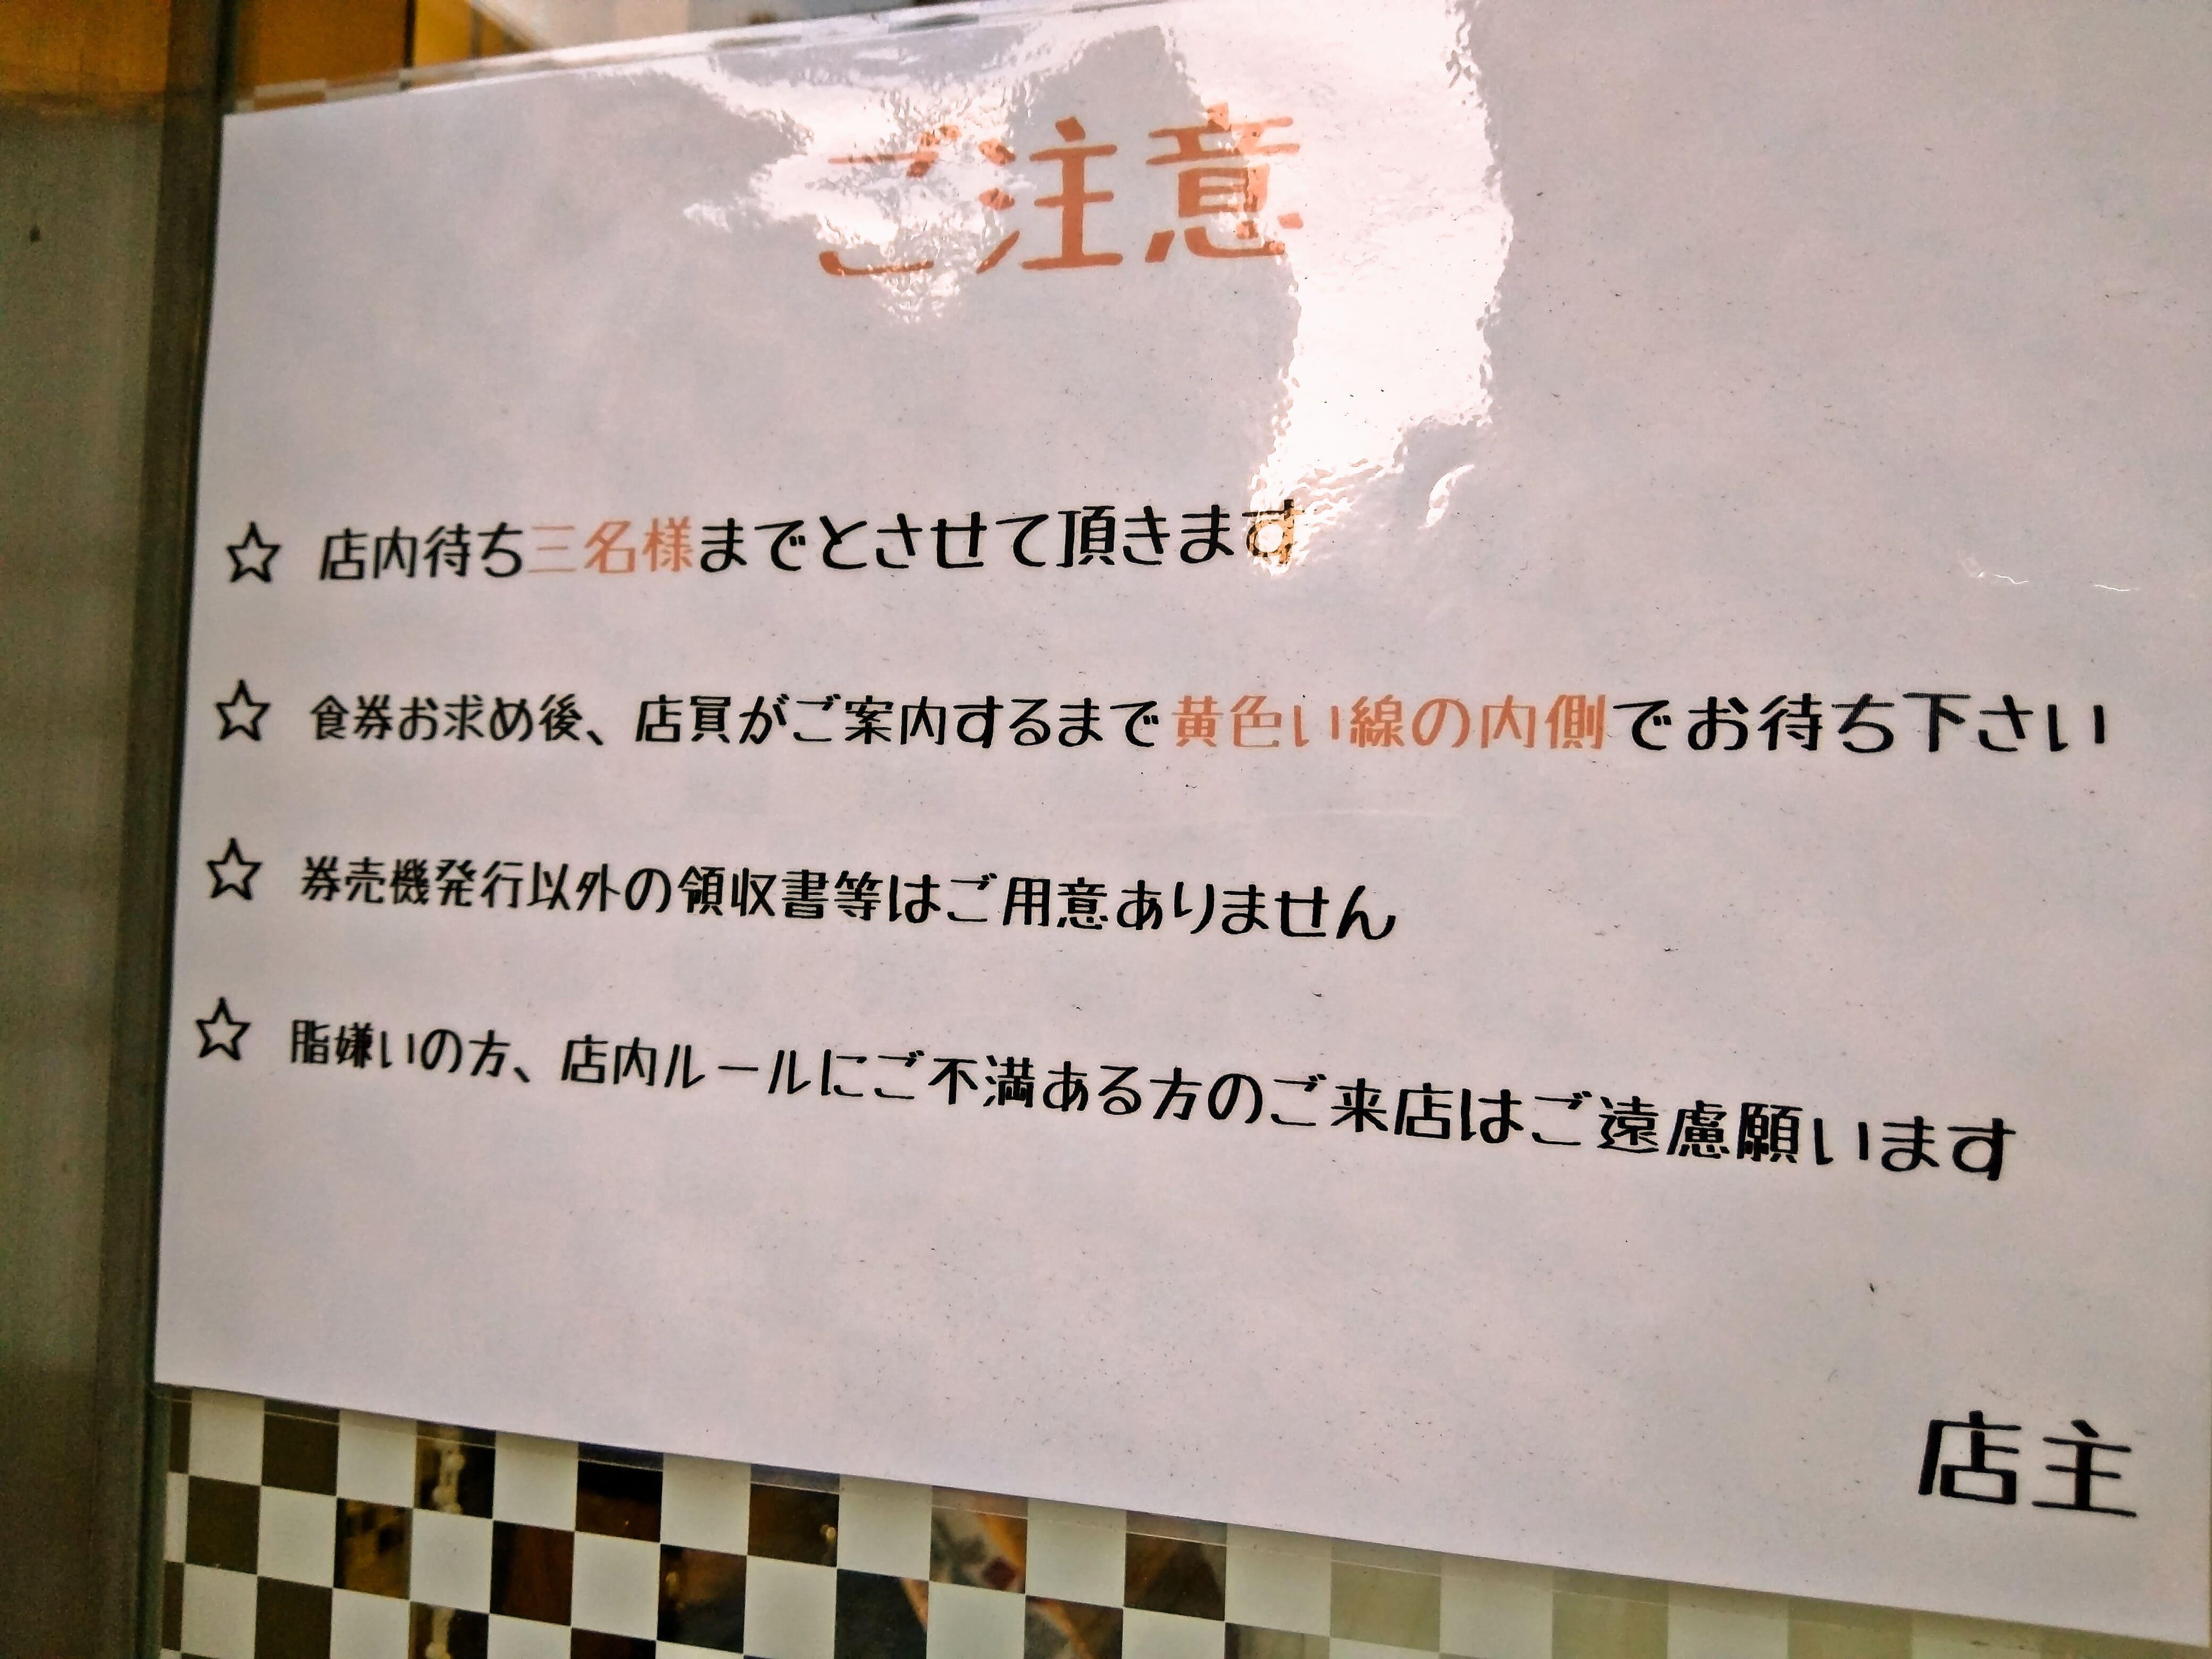 マニア向けの頑固系親父の美味しいトンカツ ~ 浅草橋 丸山吉平